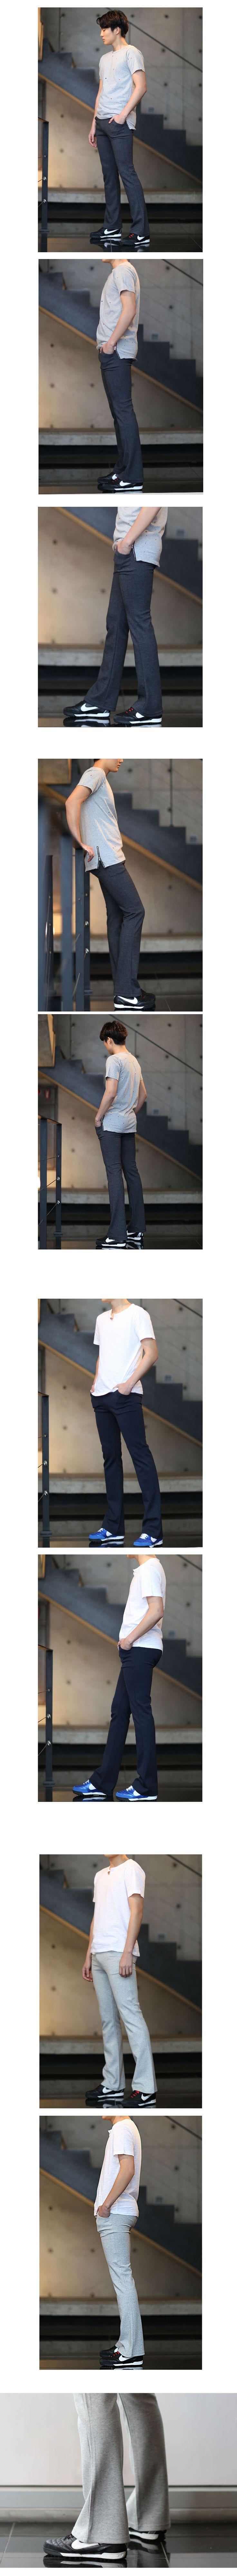 슬림부츠컷 무지 팬츠/ 패션갑/ 14,400원  남자 트레이닝 패션, 남자 트레이닝 팬츠, 남자 운동복, 휘트니스, 운동복, 데일리룩